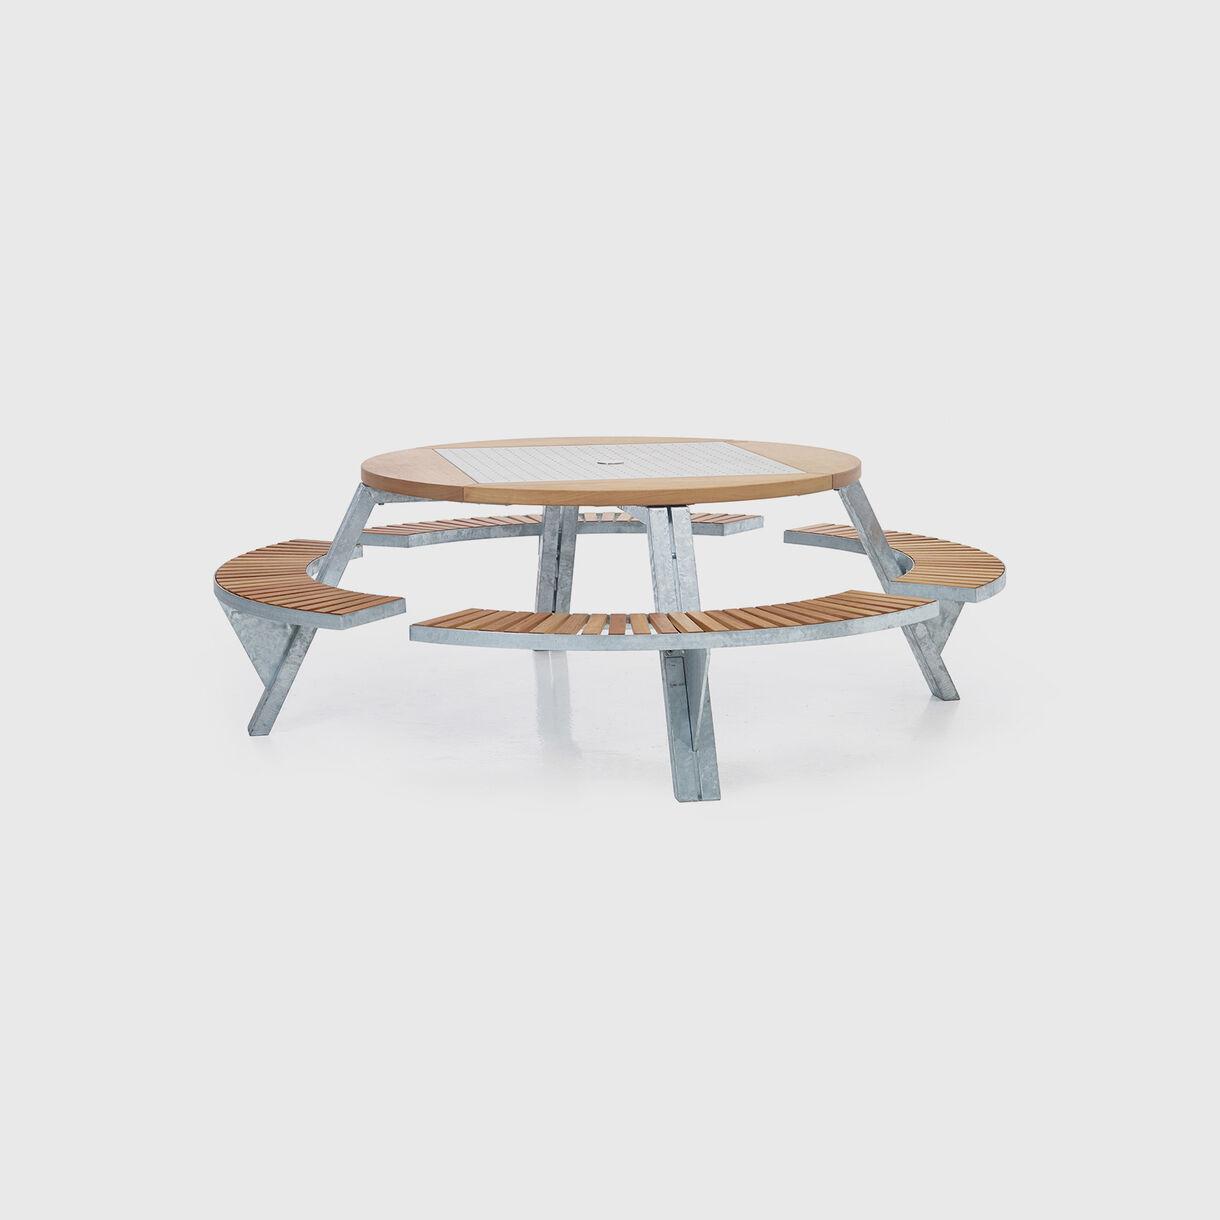 Gargantua Outdoor Table